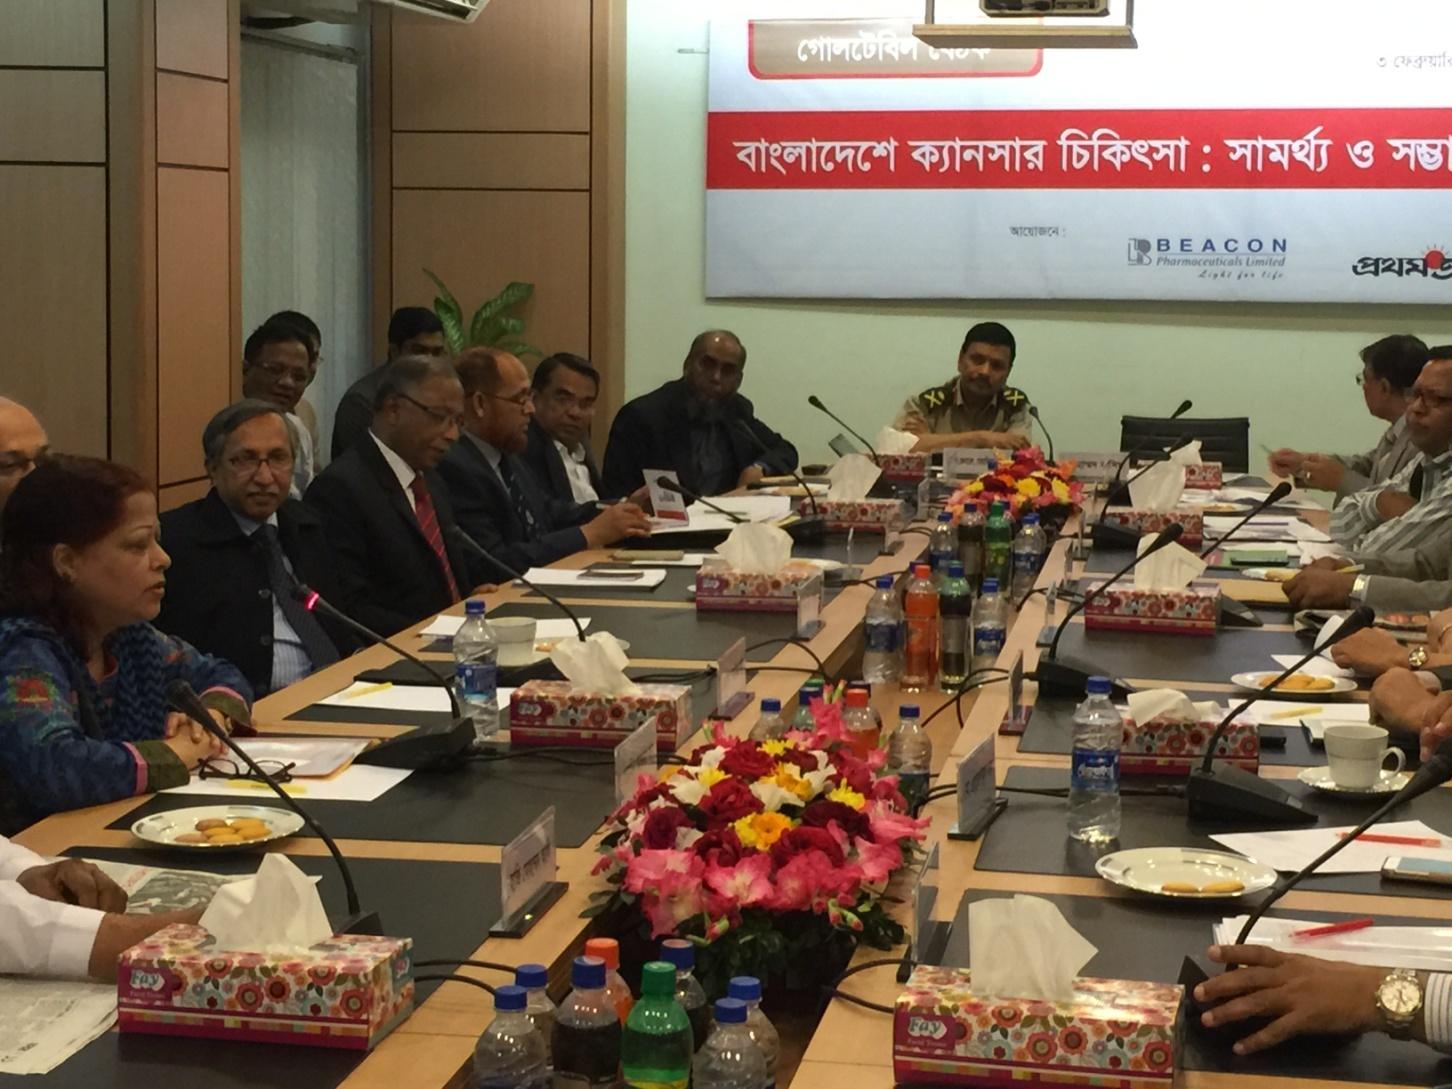 Beacon Pharma Prothom Alo Round Table Discussion - Beacon